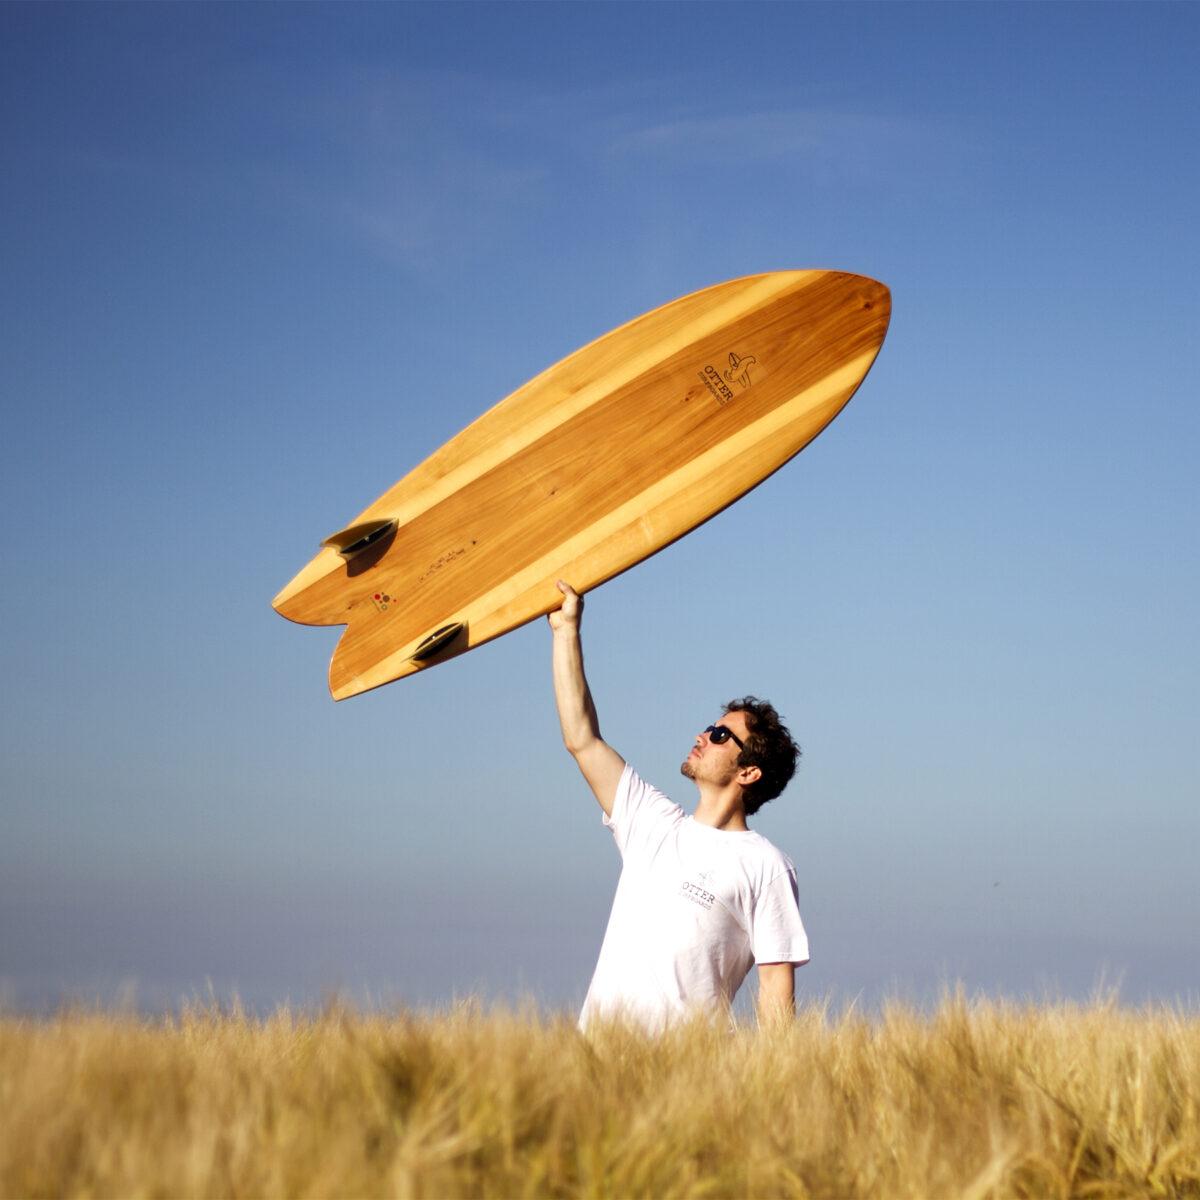 otter wooden surfboard fetch fish held aloft corn field